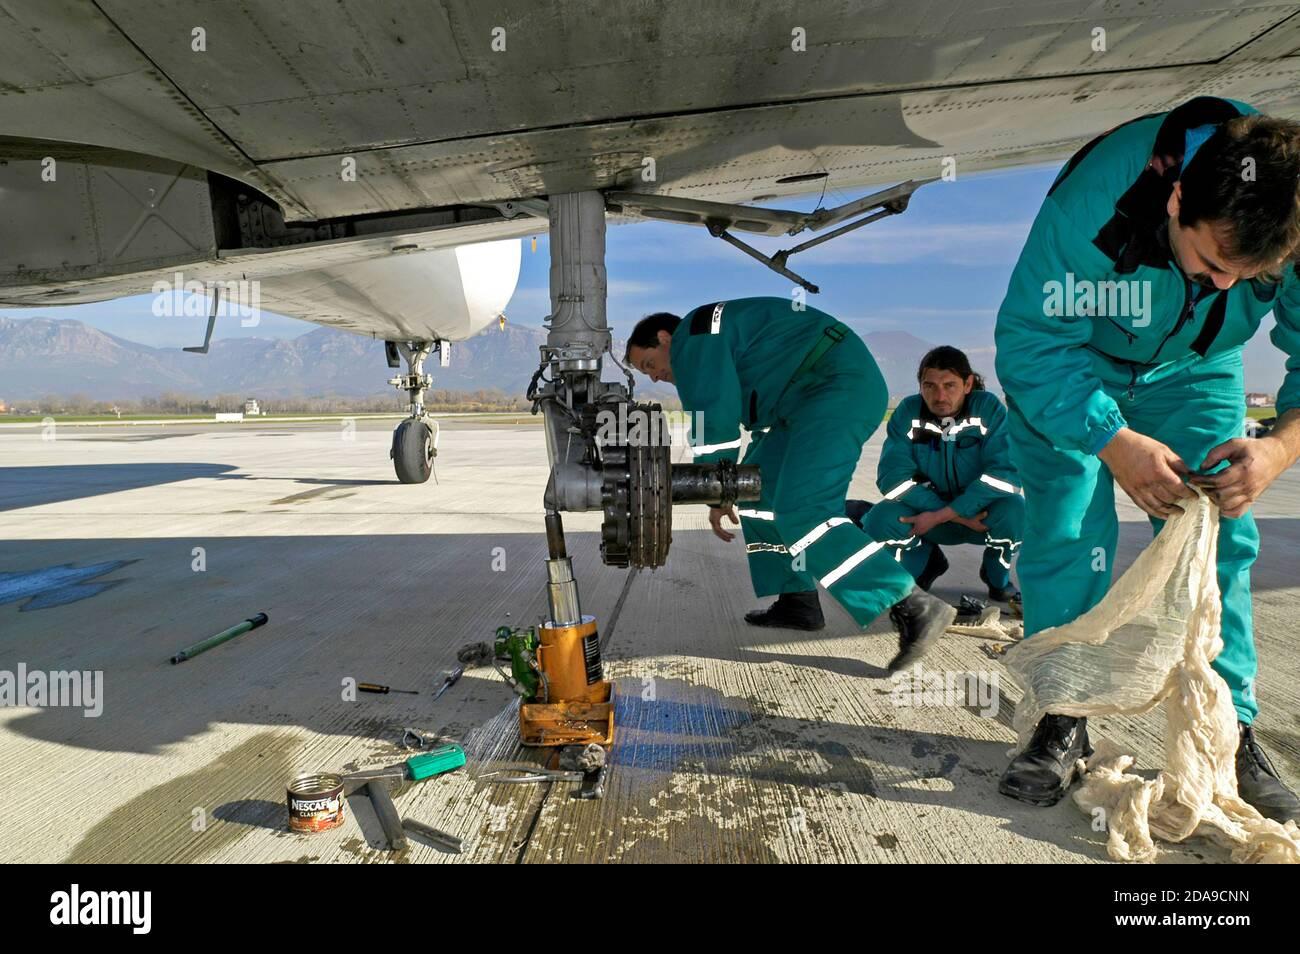 Des mécaniciens réparent un avion sur la piste de l'aéroport international de mère Theresa, Tirana, Albanie Banque D'Images